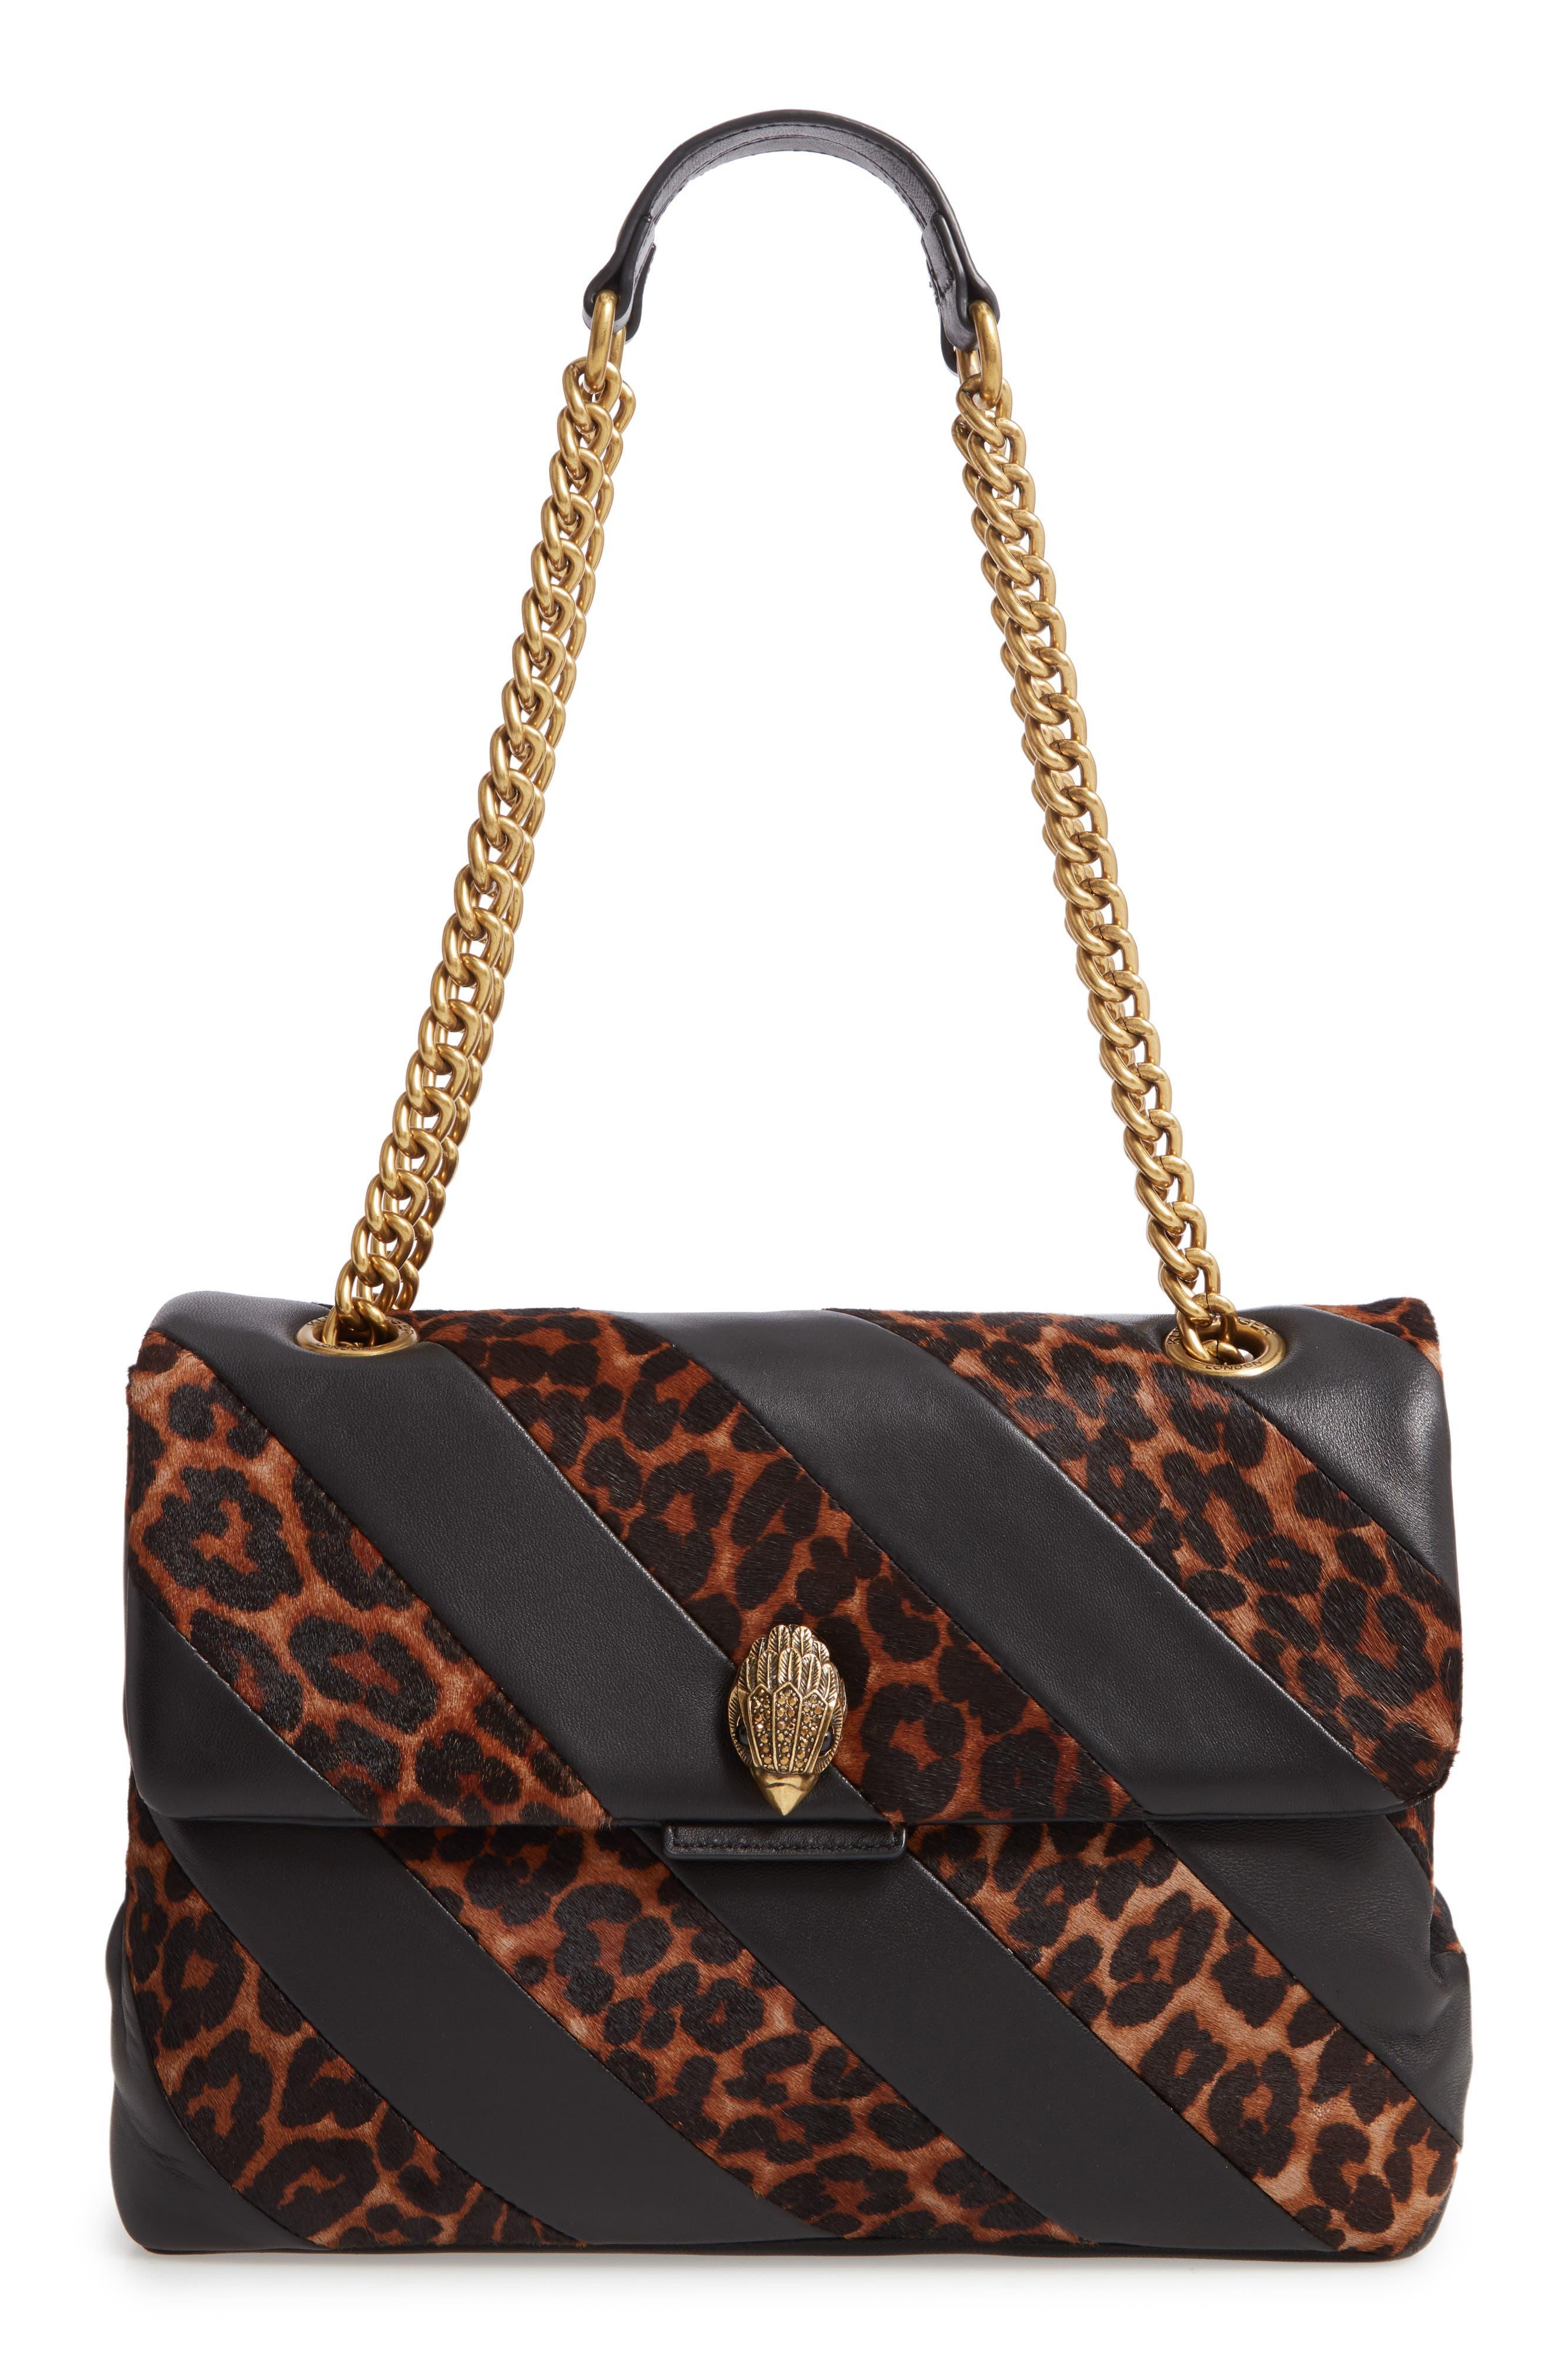 2510dda5b0 Calf Hair Handbags, Purses & Wallets | Nordstrom